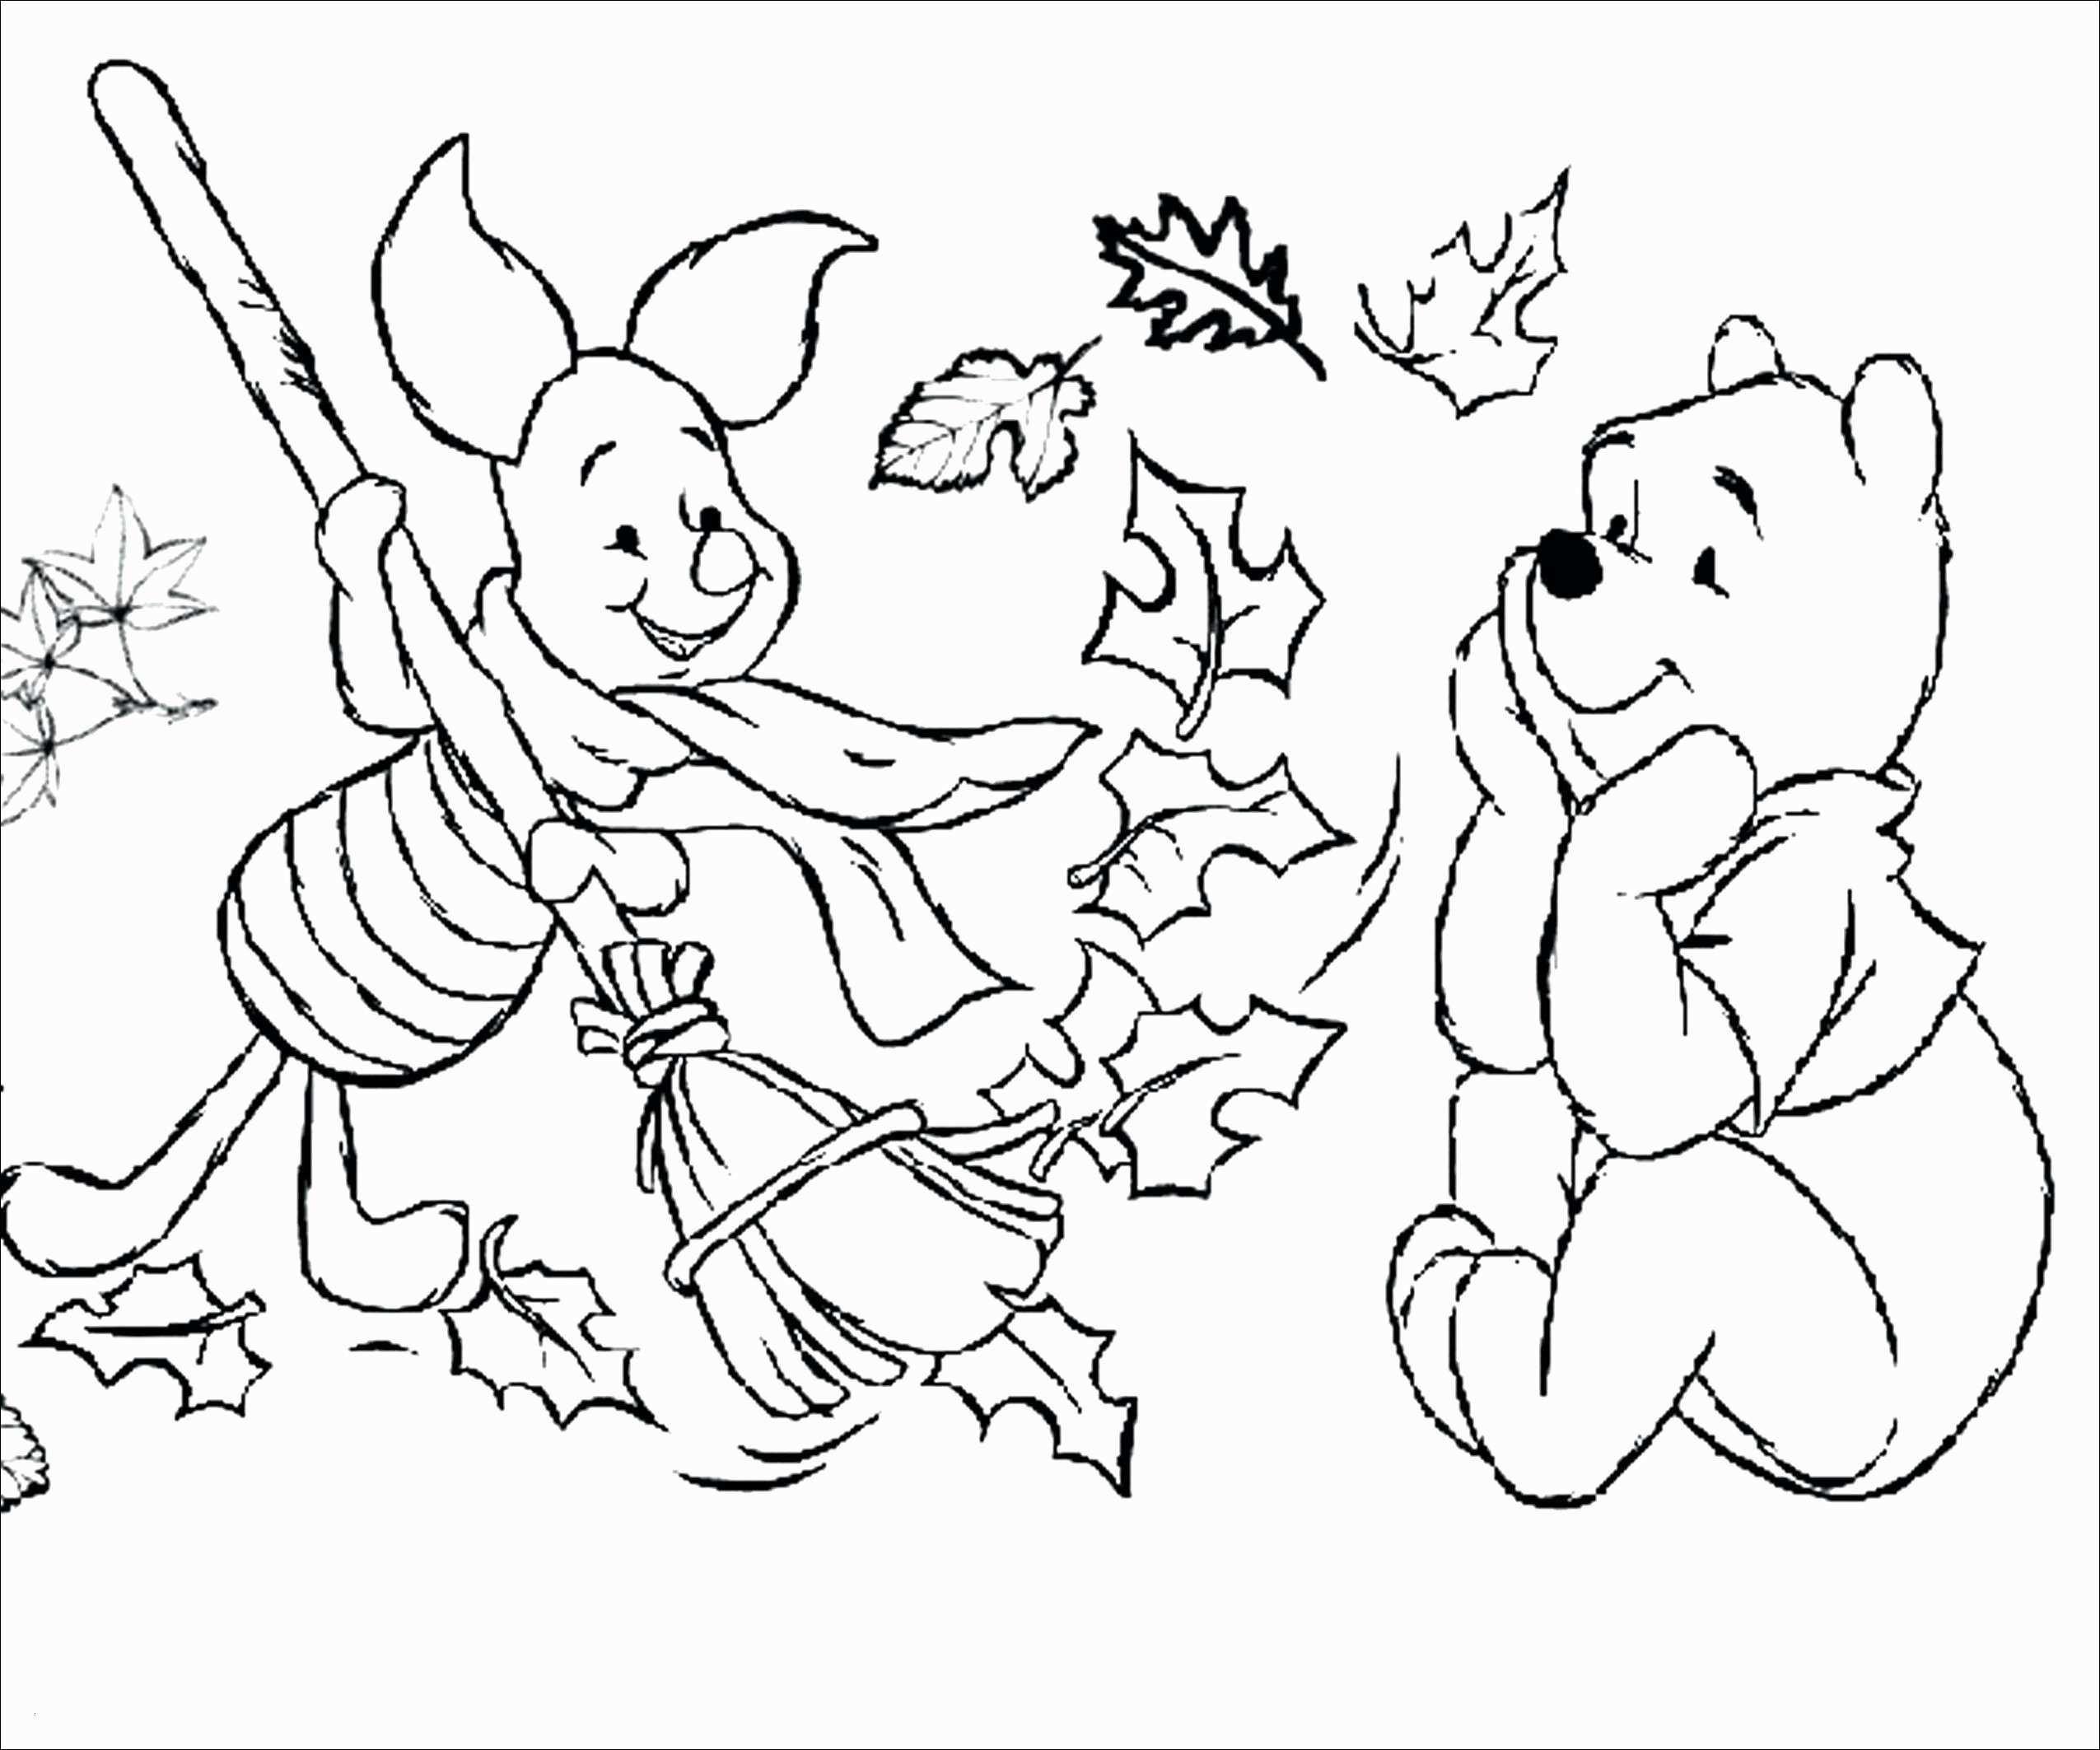 Maus Und Elefant Ausmalbilder Frisch 44 Genial Mickey Maus Ausmalbilder Bridgesofkonigsberg Galerie